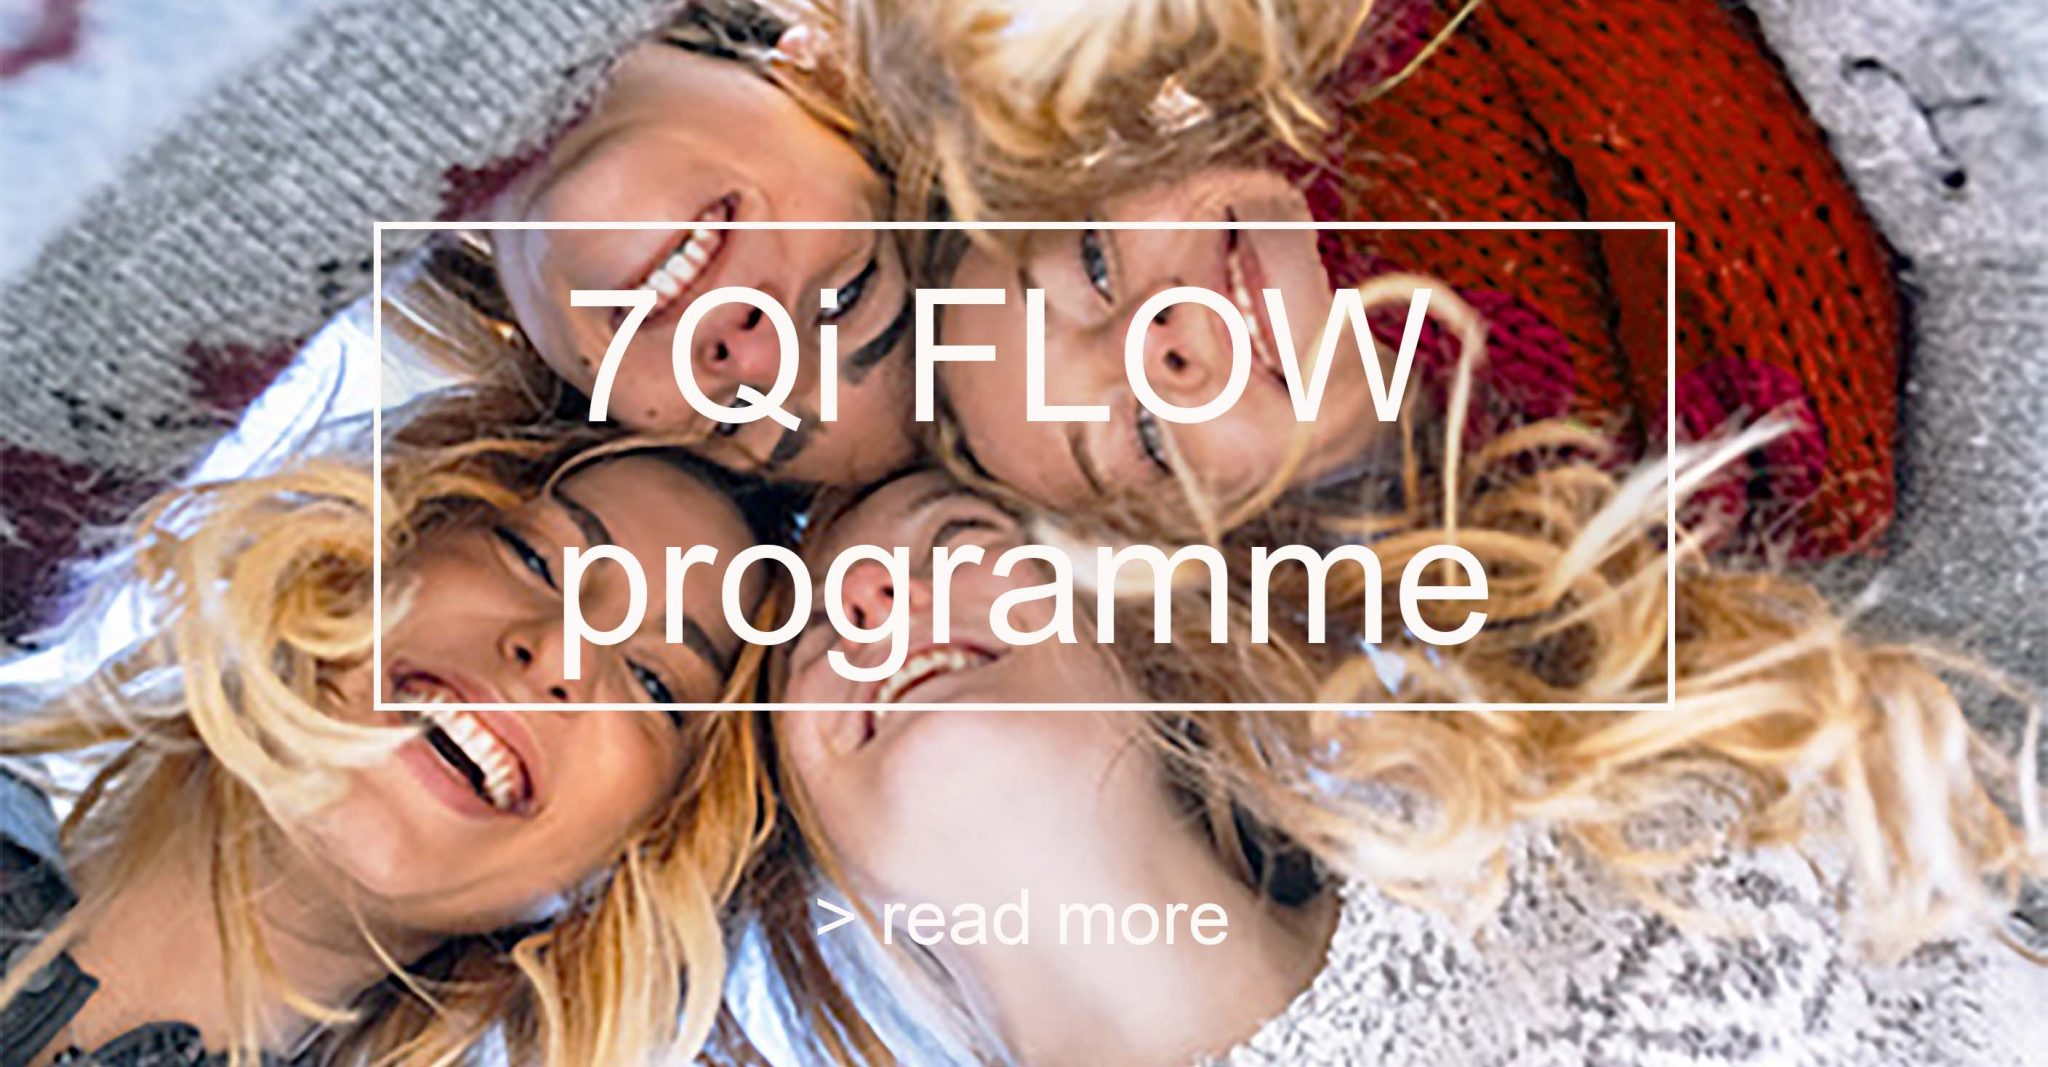 7Qi flow programma